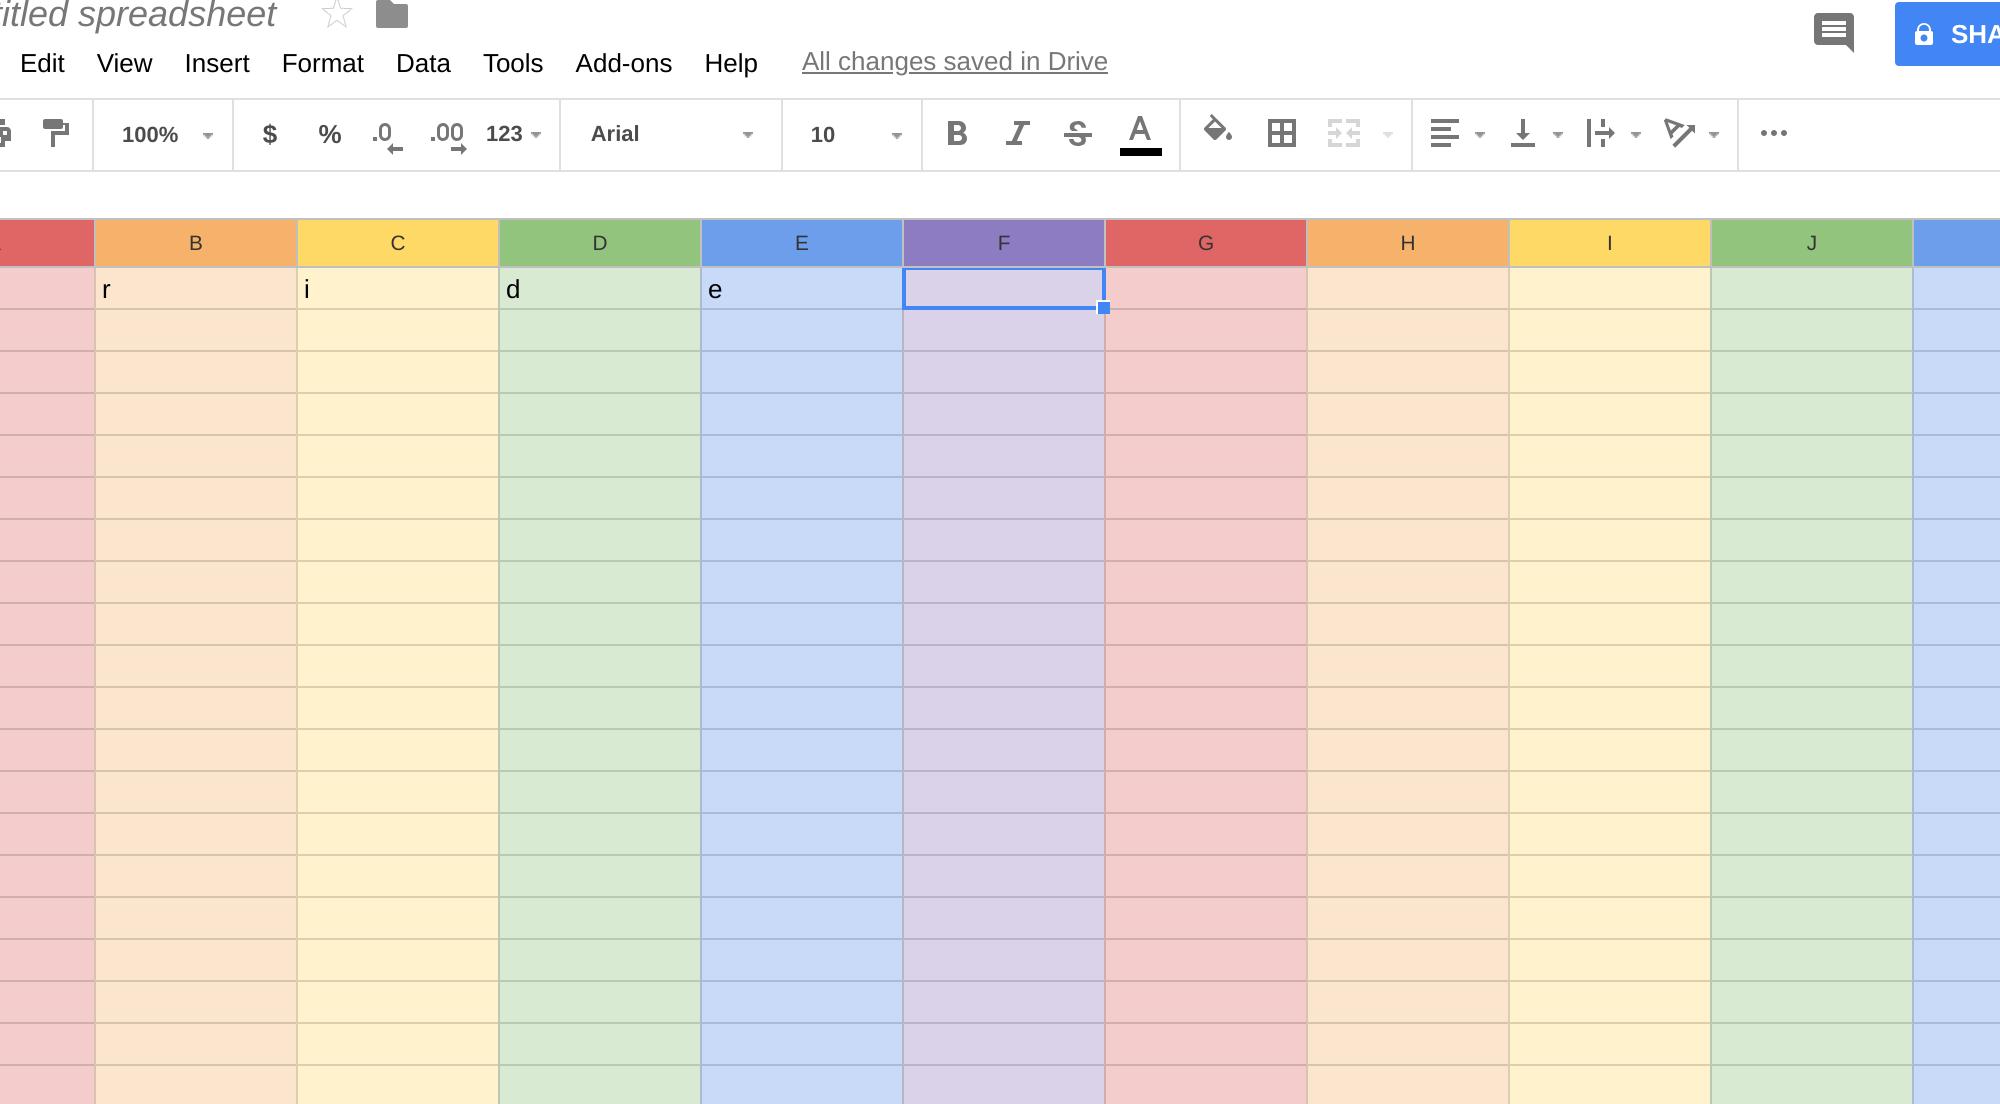 Pride Easter Egg in Google Sheets